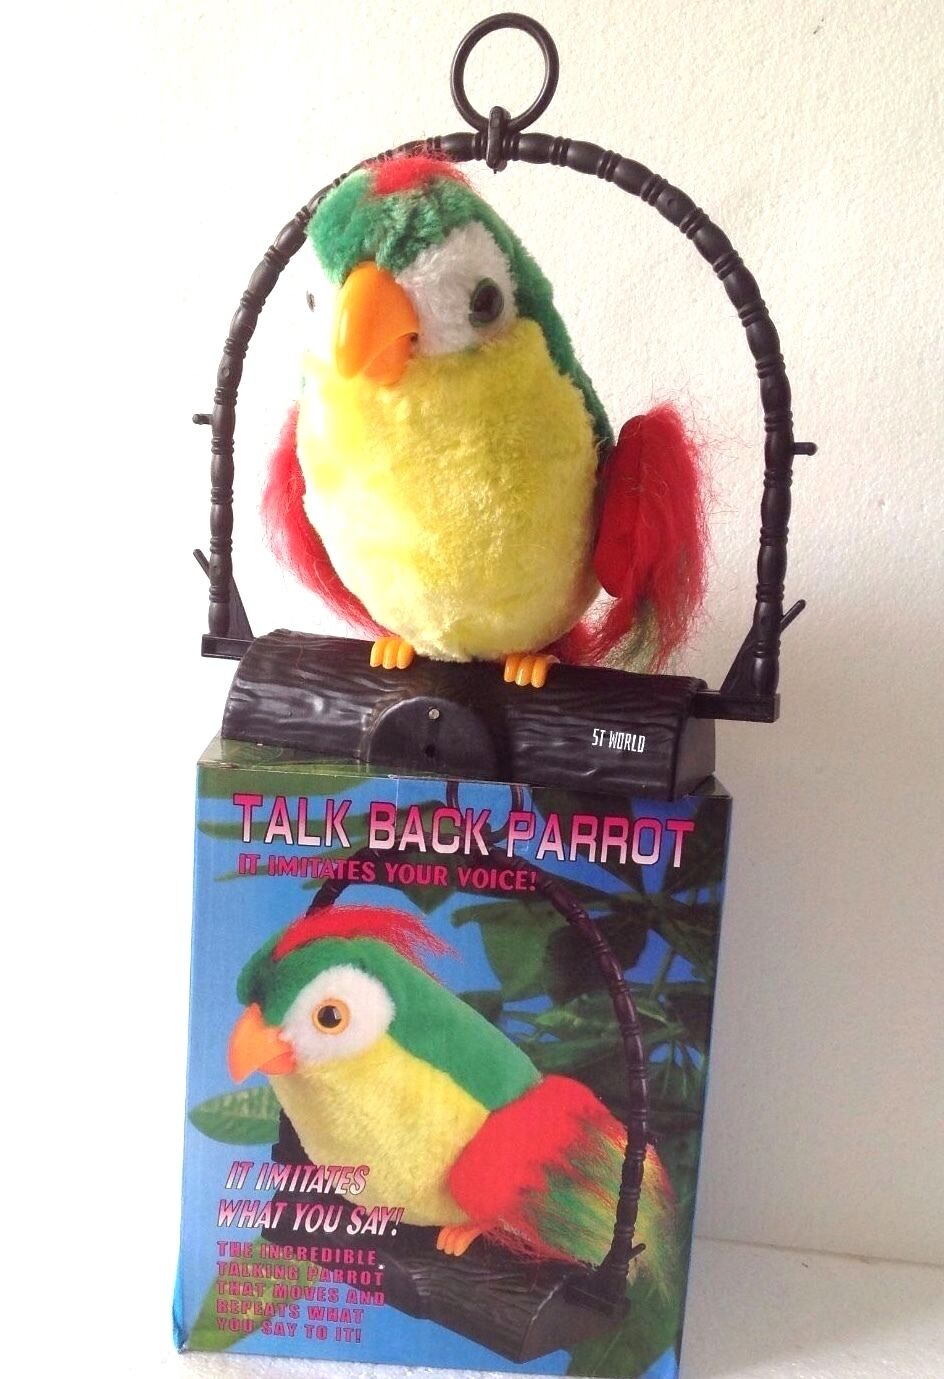 Elektrische Plüsch Lernen Sprechender Papagei Vogel Laber parrot Spielzeug Gifts